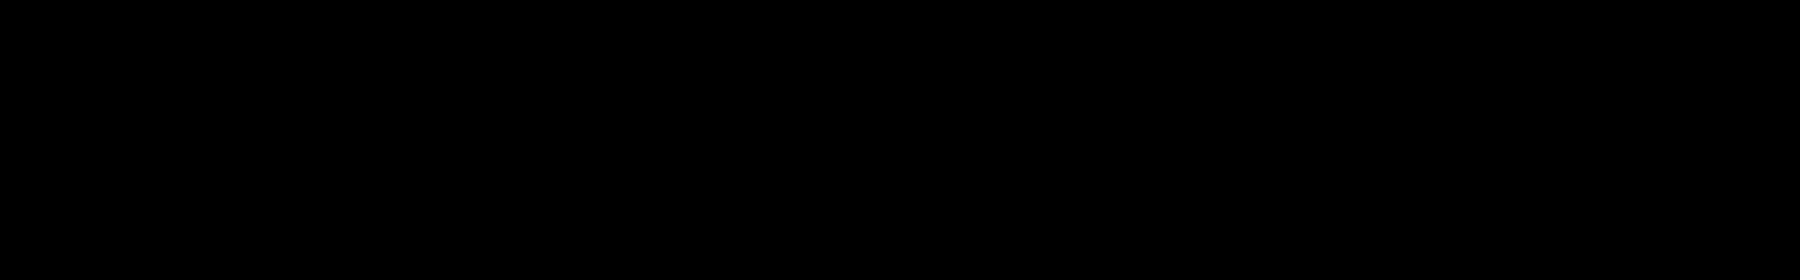 Dark Techno 3 audio waveform